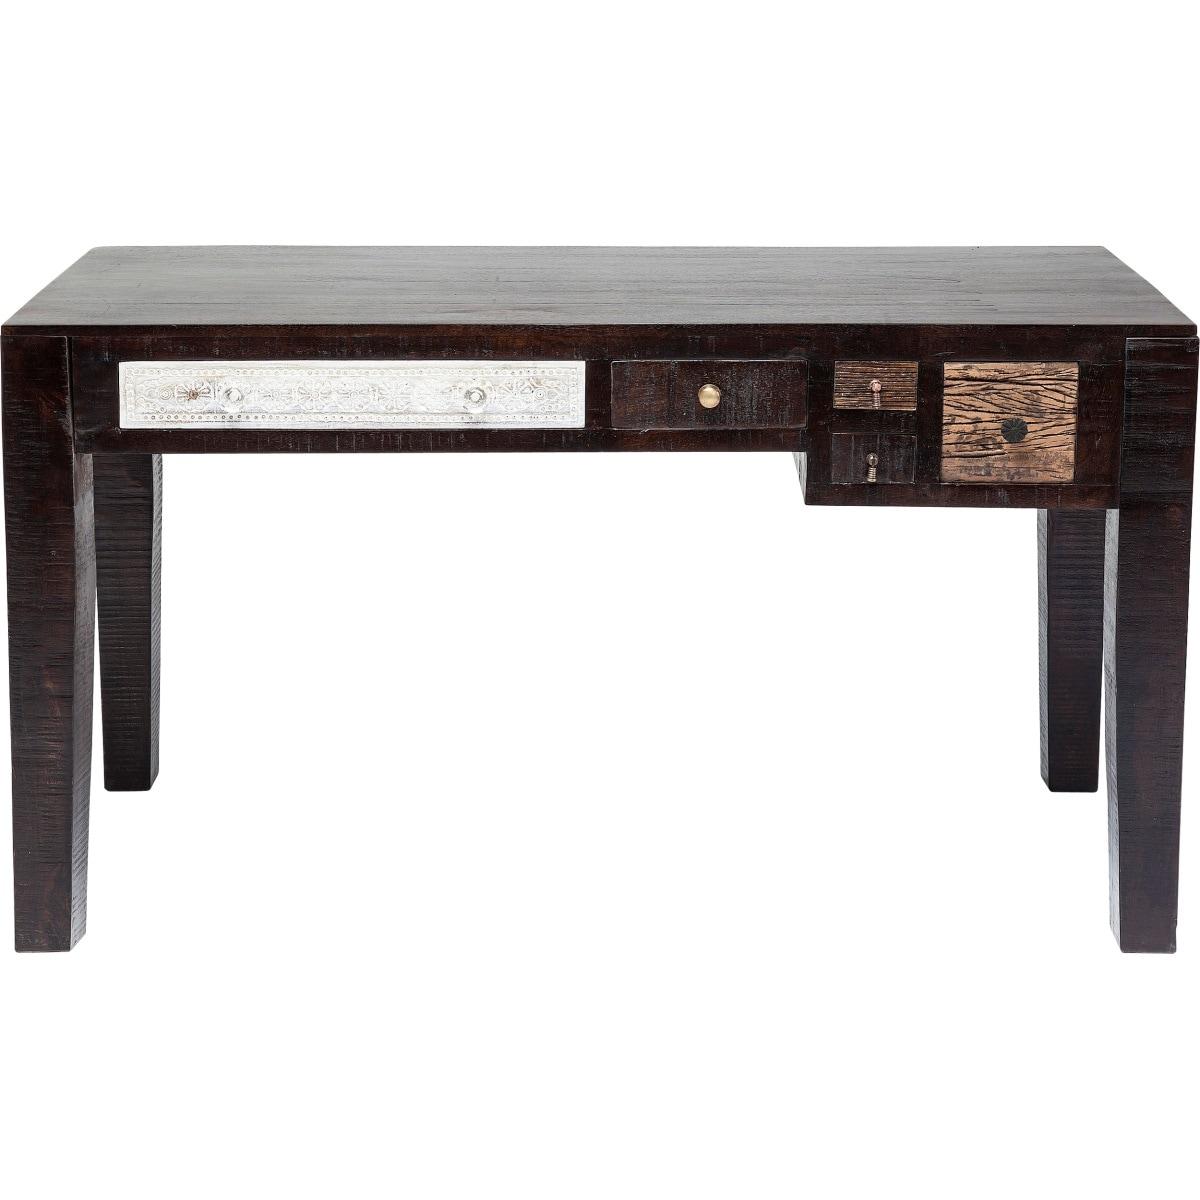 Kare design schreibtisch finca ca 135 x 78 x 60 cm porta for Schreibtisch 200 x 60